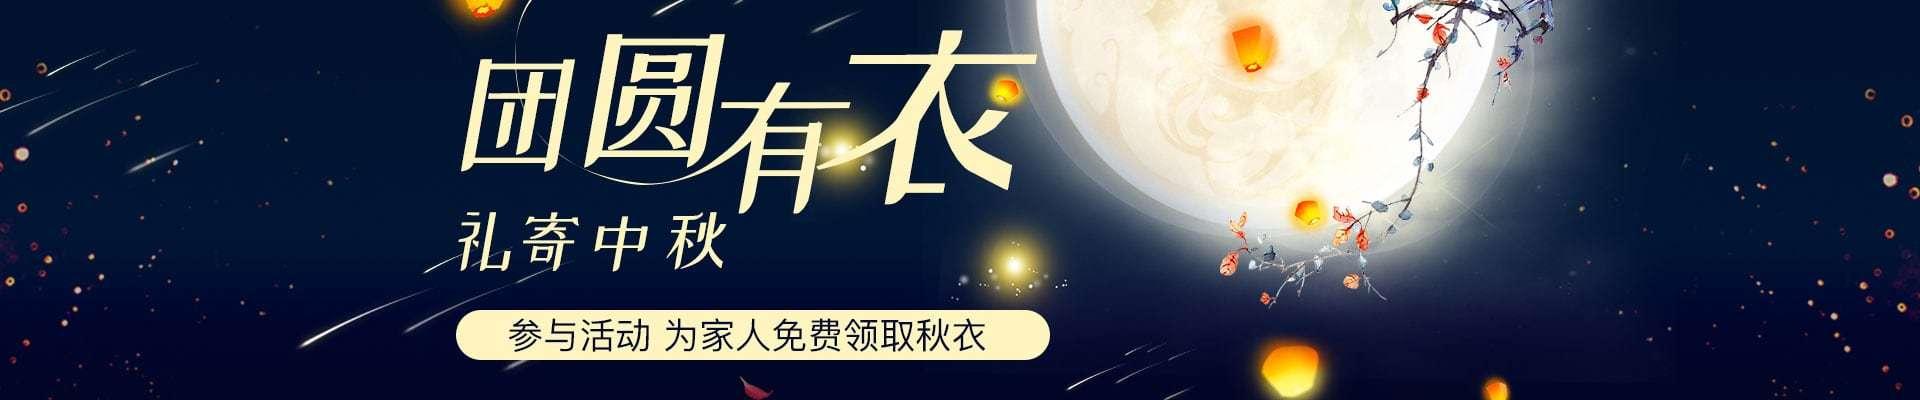 HD_0913_zhongqiu@Web